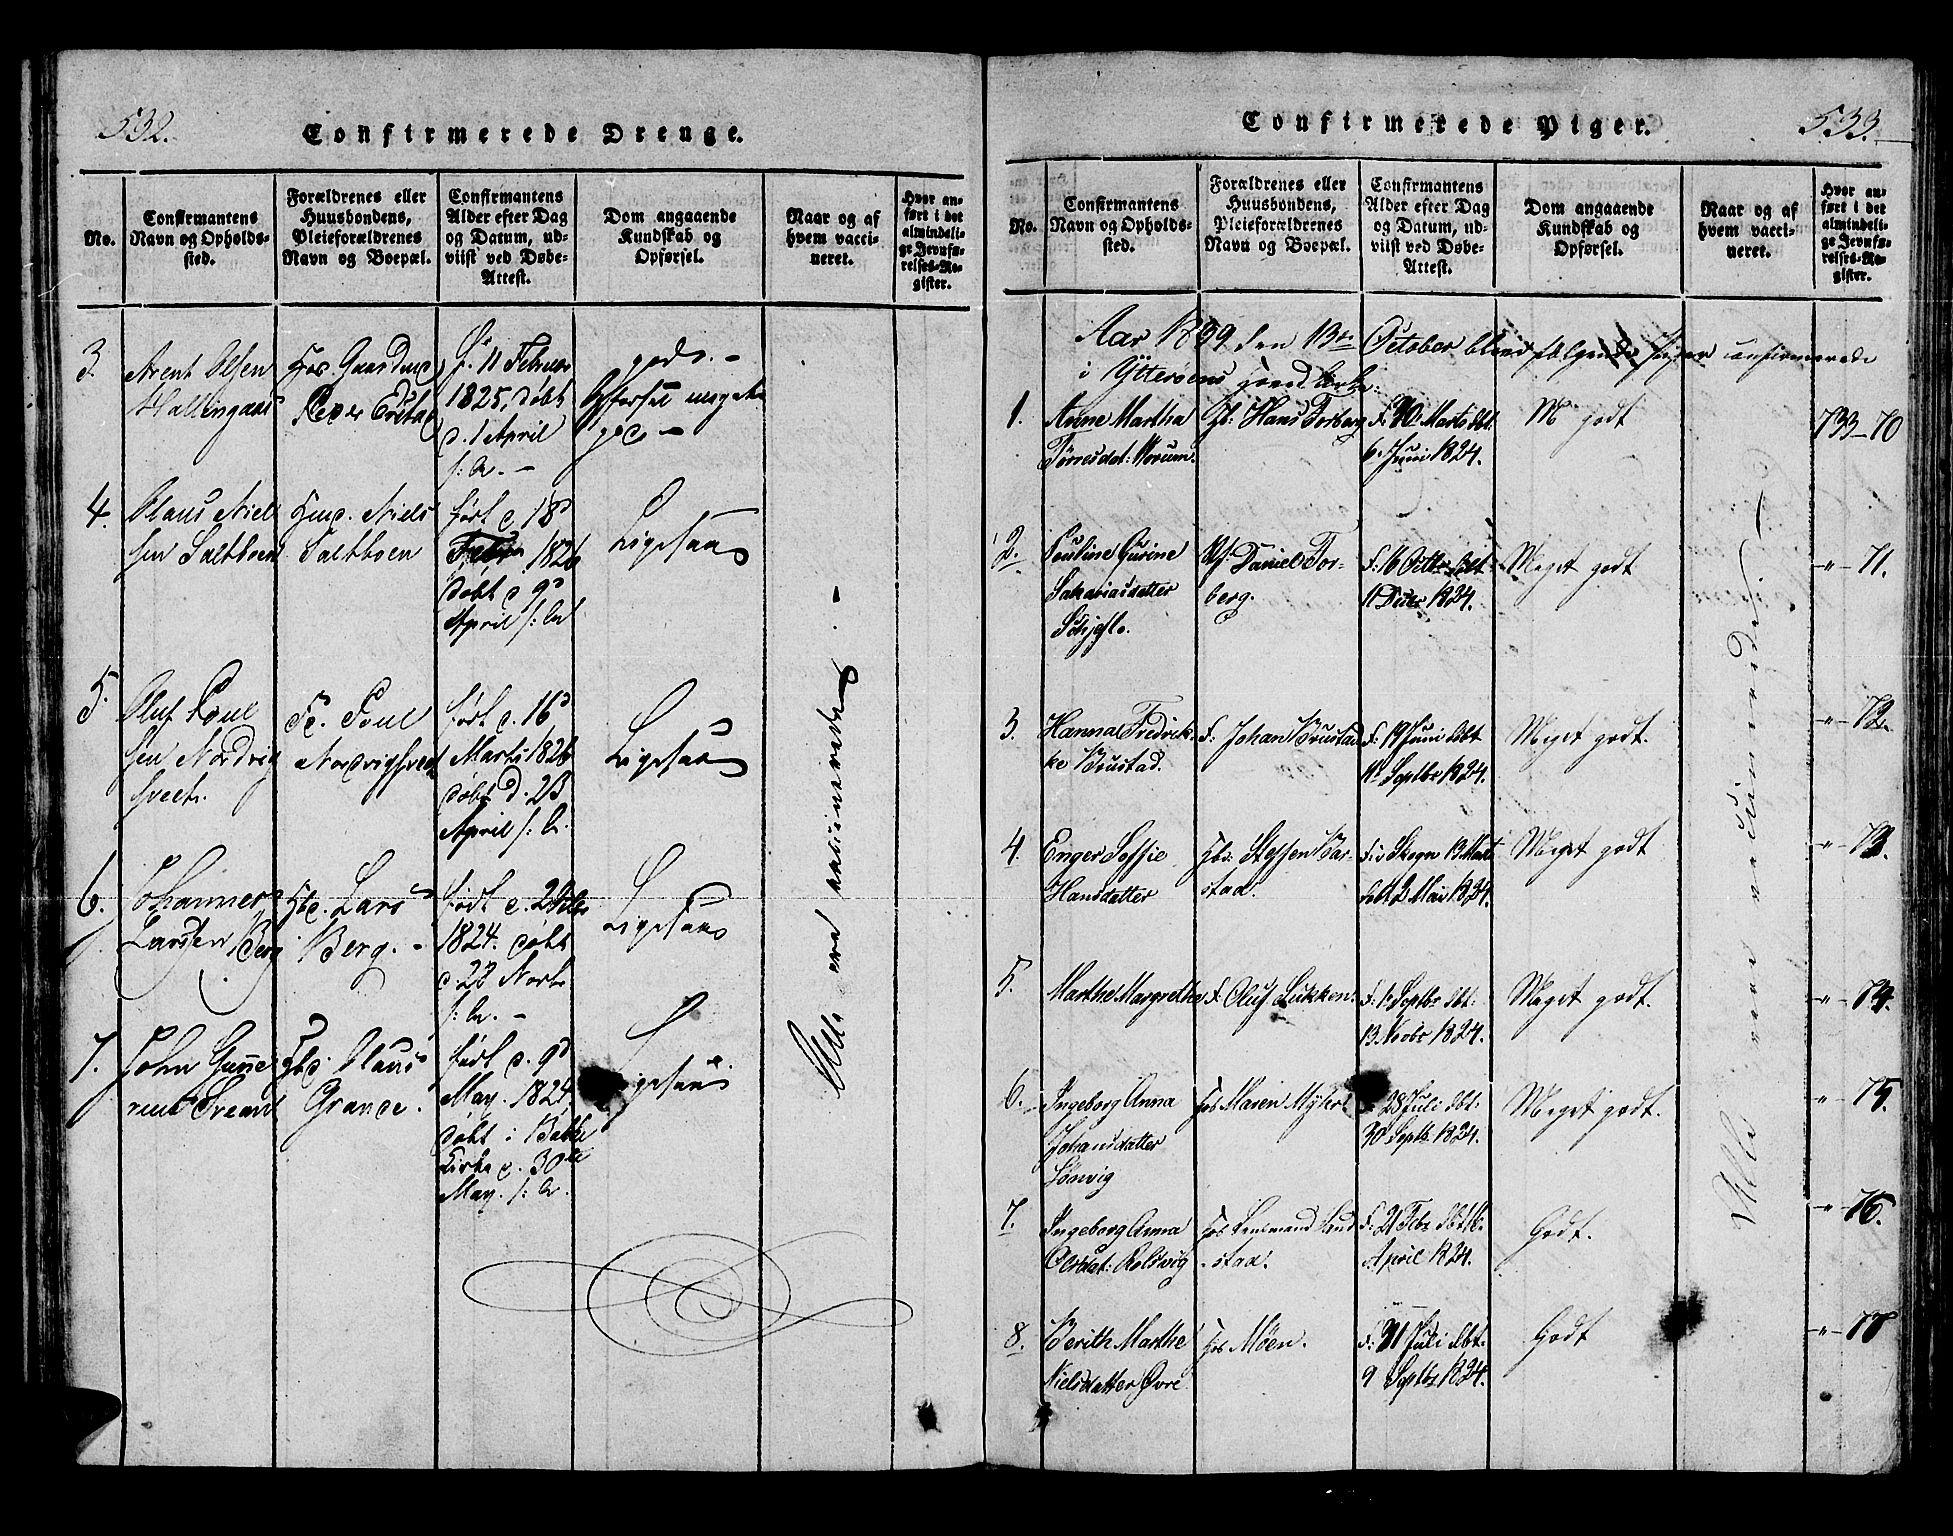 SAT, Ministerialprotokoller, klokkerbøker og fødselsregistre - Nord-Trøndelag, 722/L0217: Ministerialbok nr. 722A04, 1817-1842, s. 532-533